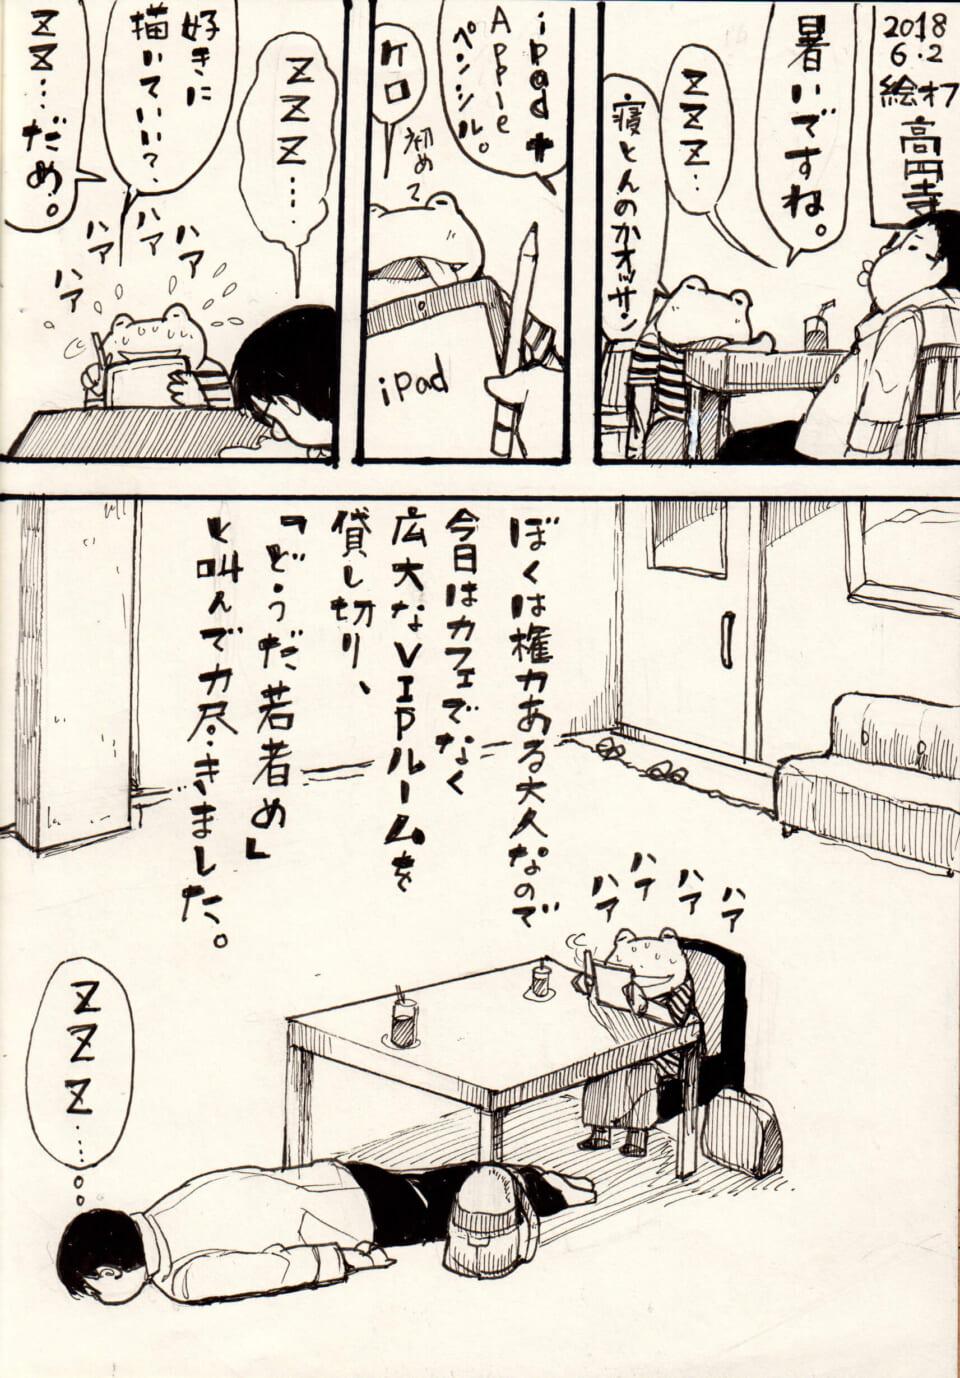 長谷川レイニー×楝蛙:絵オフ・高円寺 2018.06.02